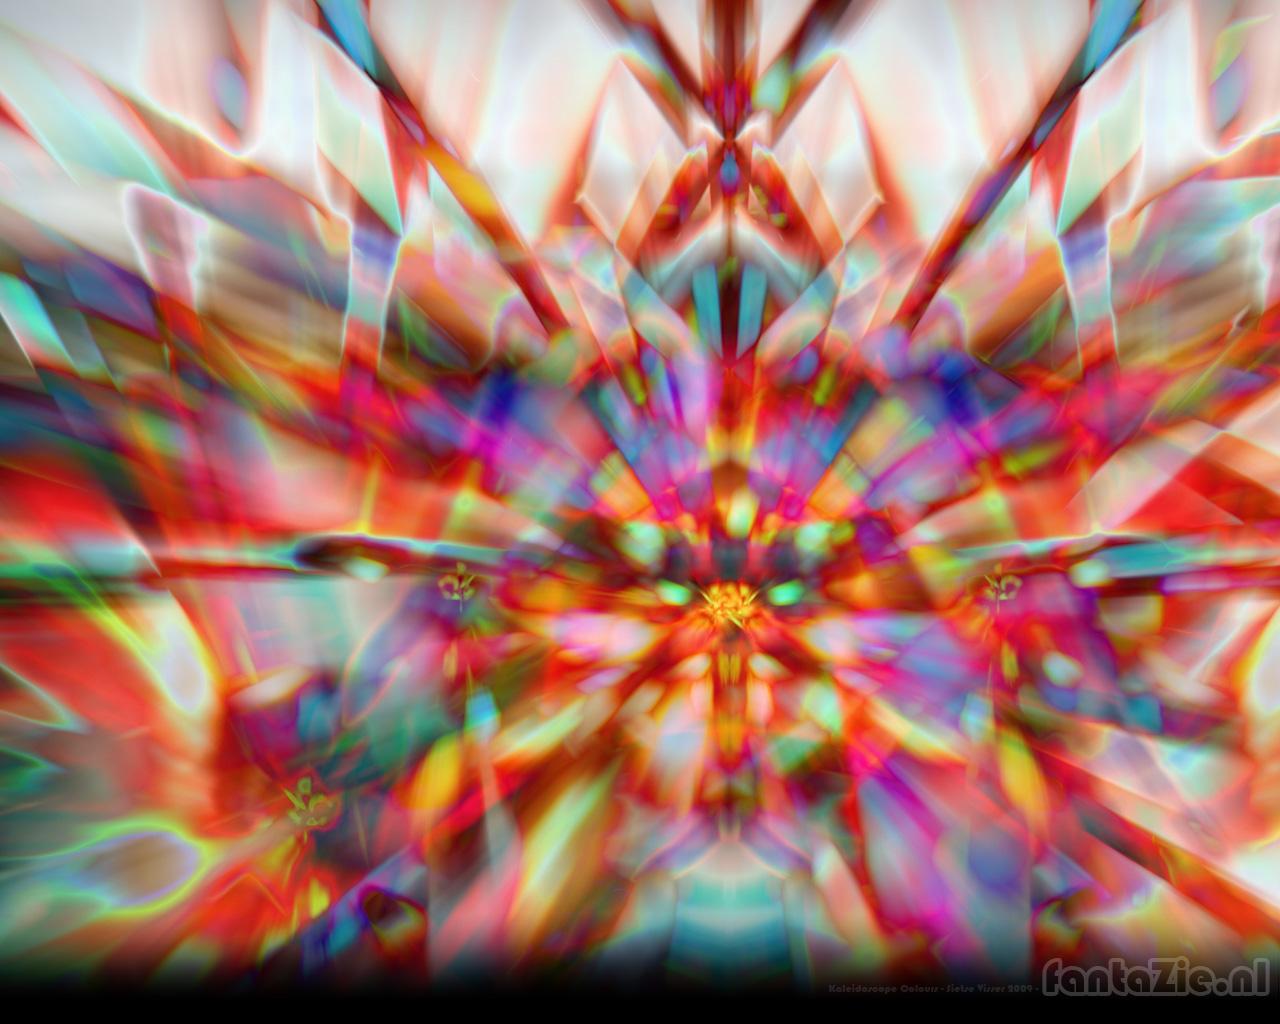 High Resolution Wallpaper | Keleidoscope 1280x1024 px